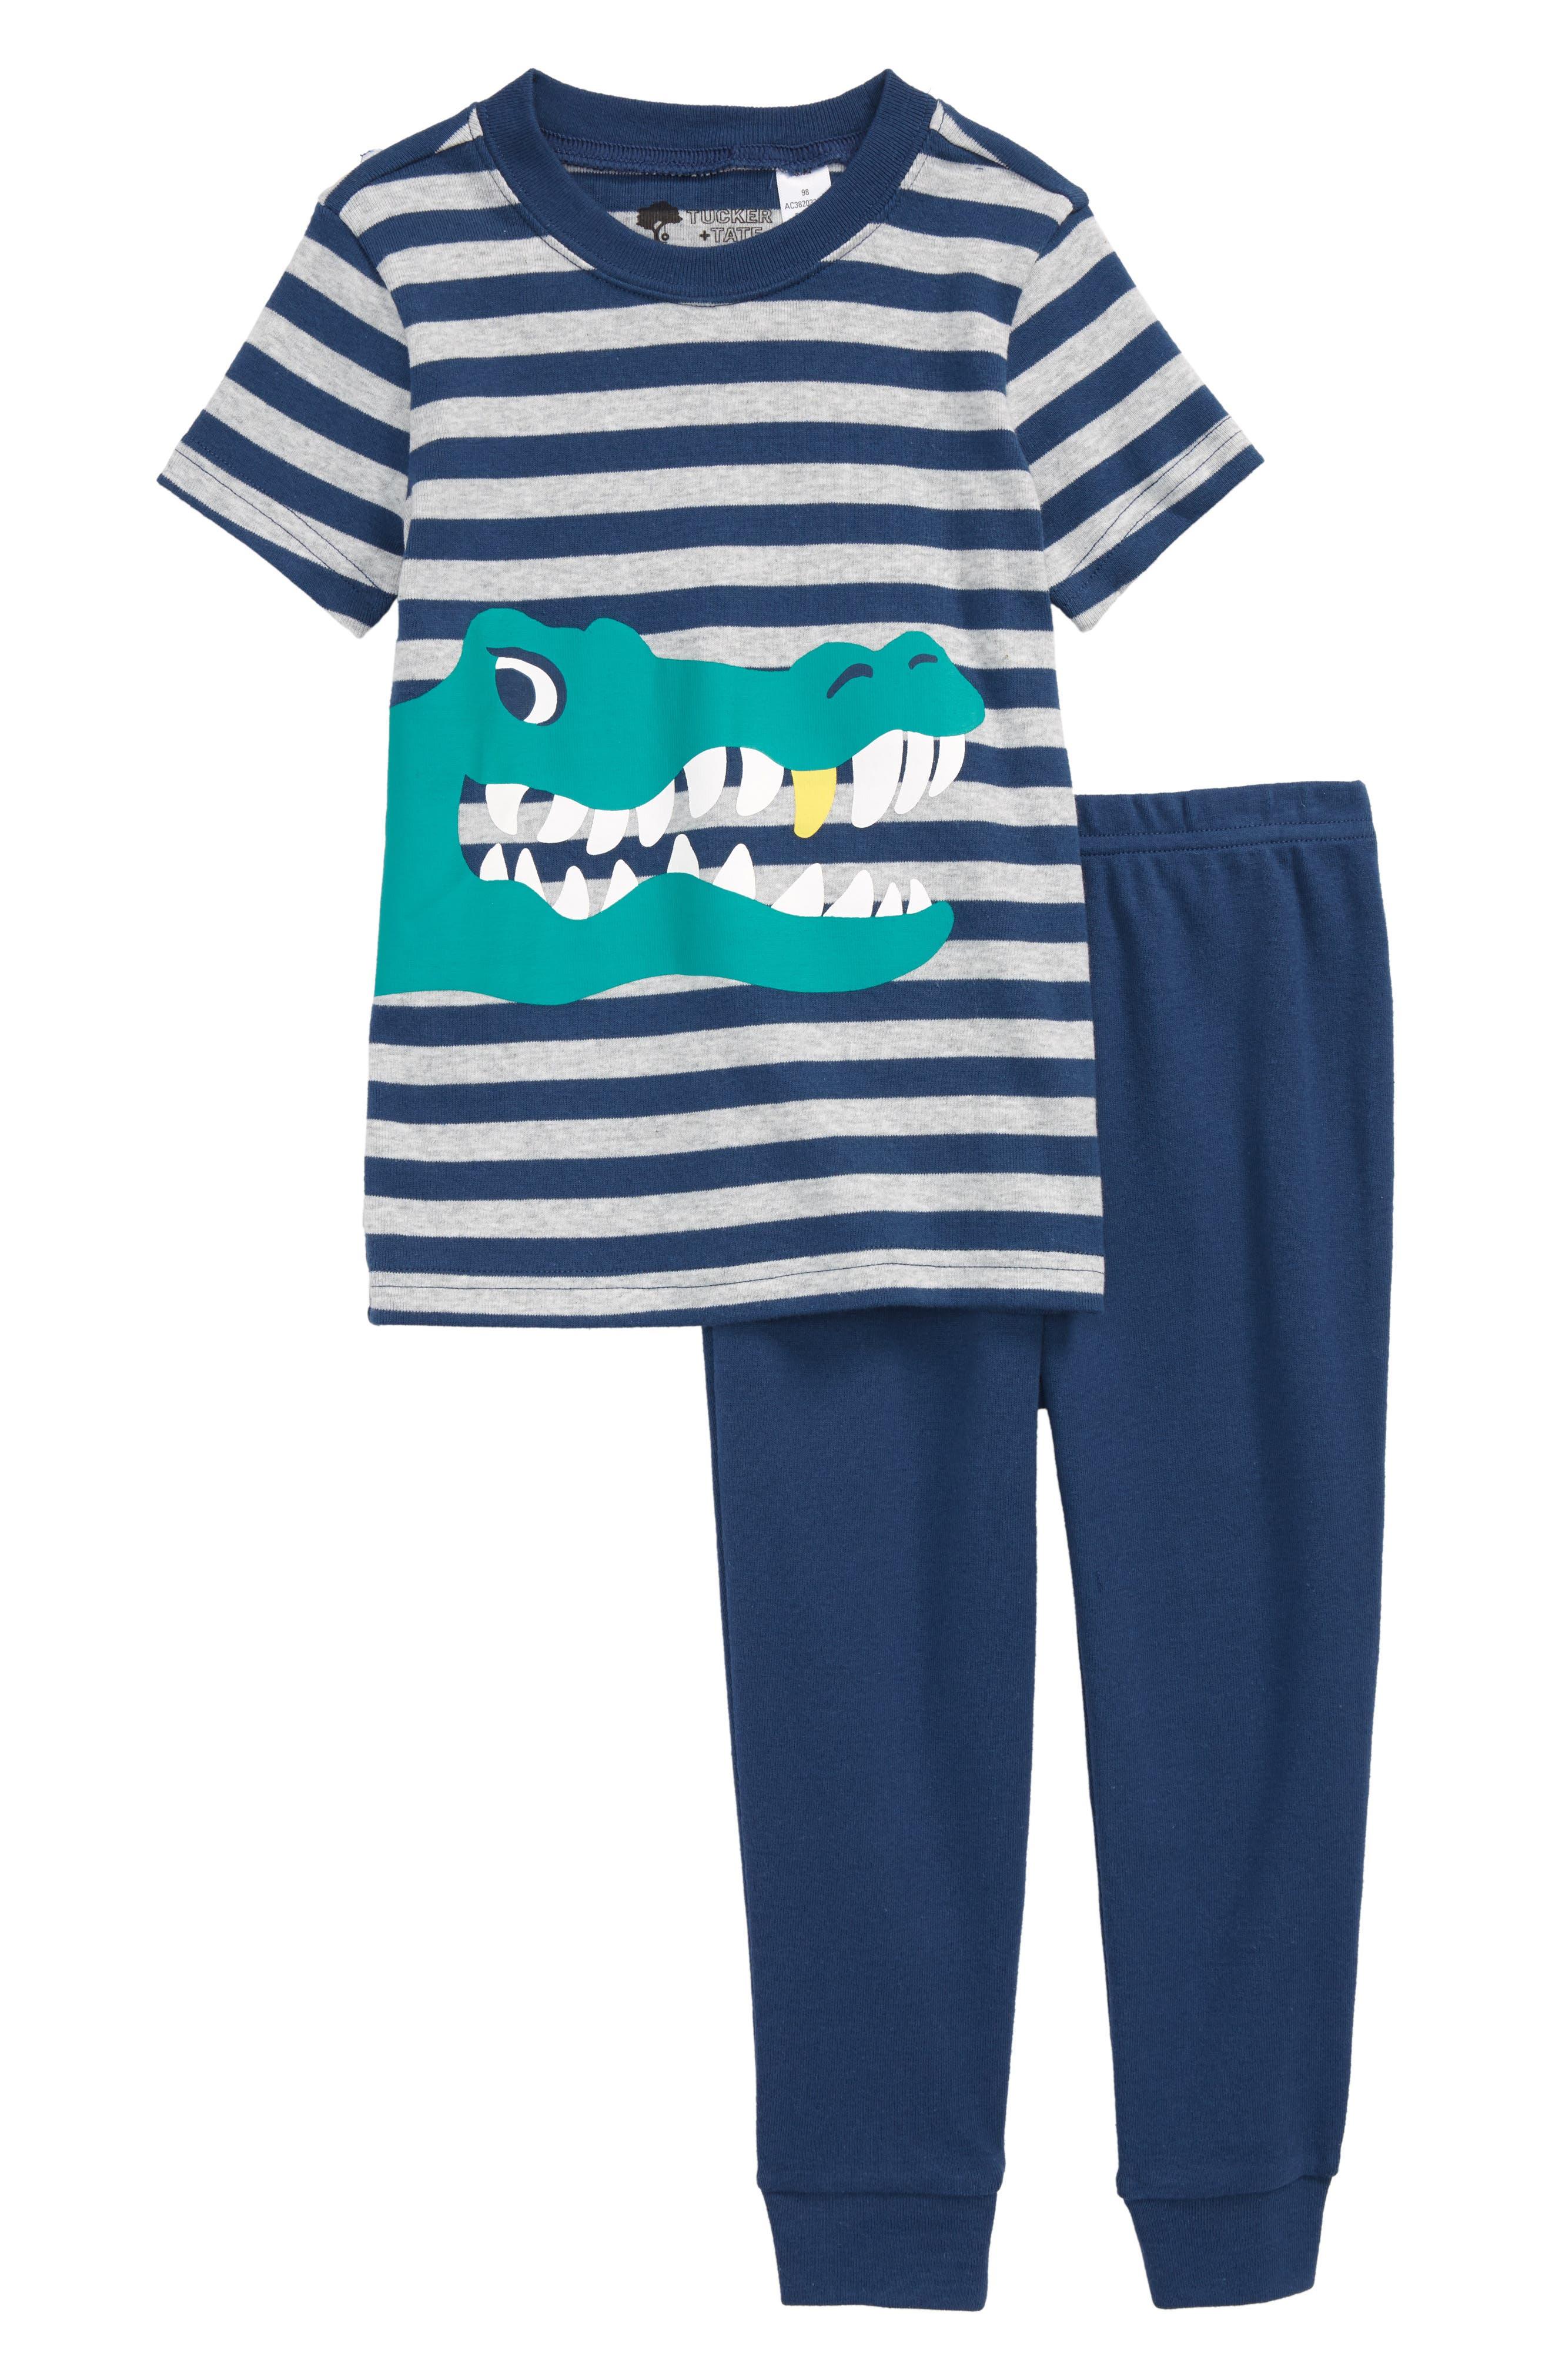 Kids Pajama Sets Apparel T Shirts Jeans Pants & Hoo s